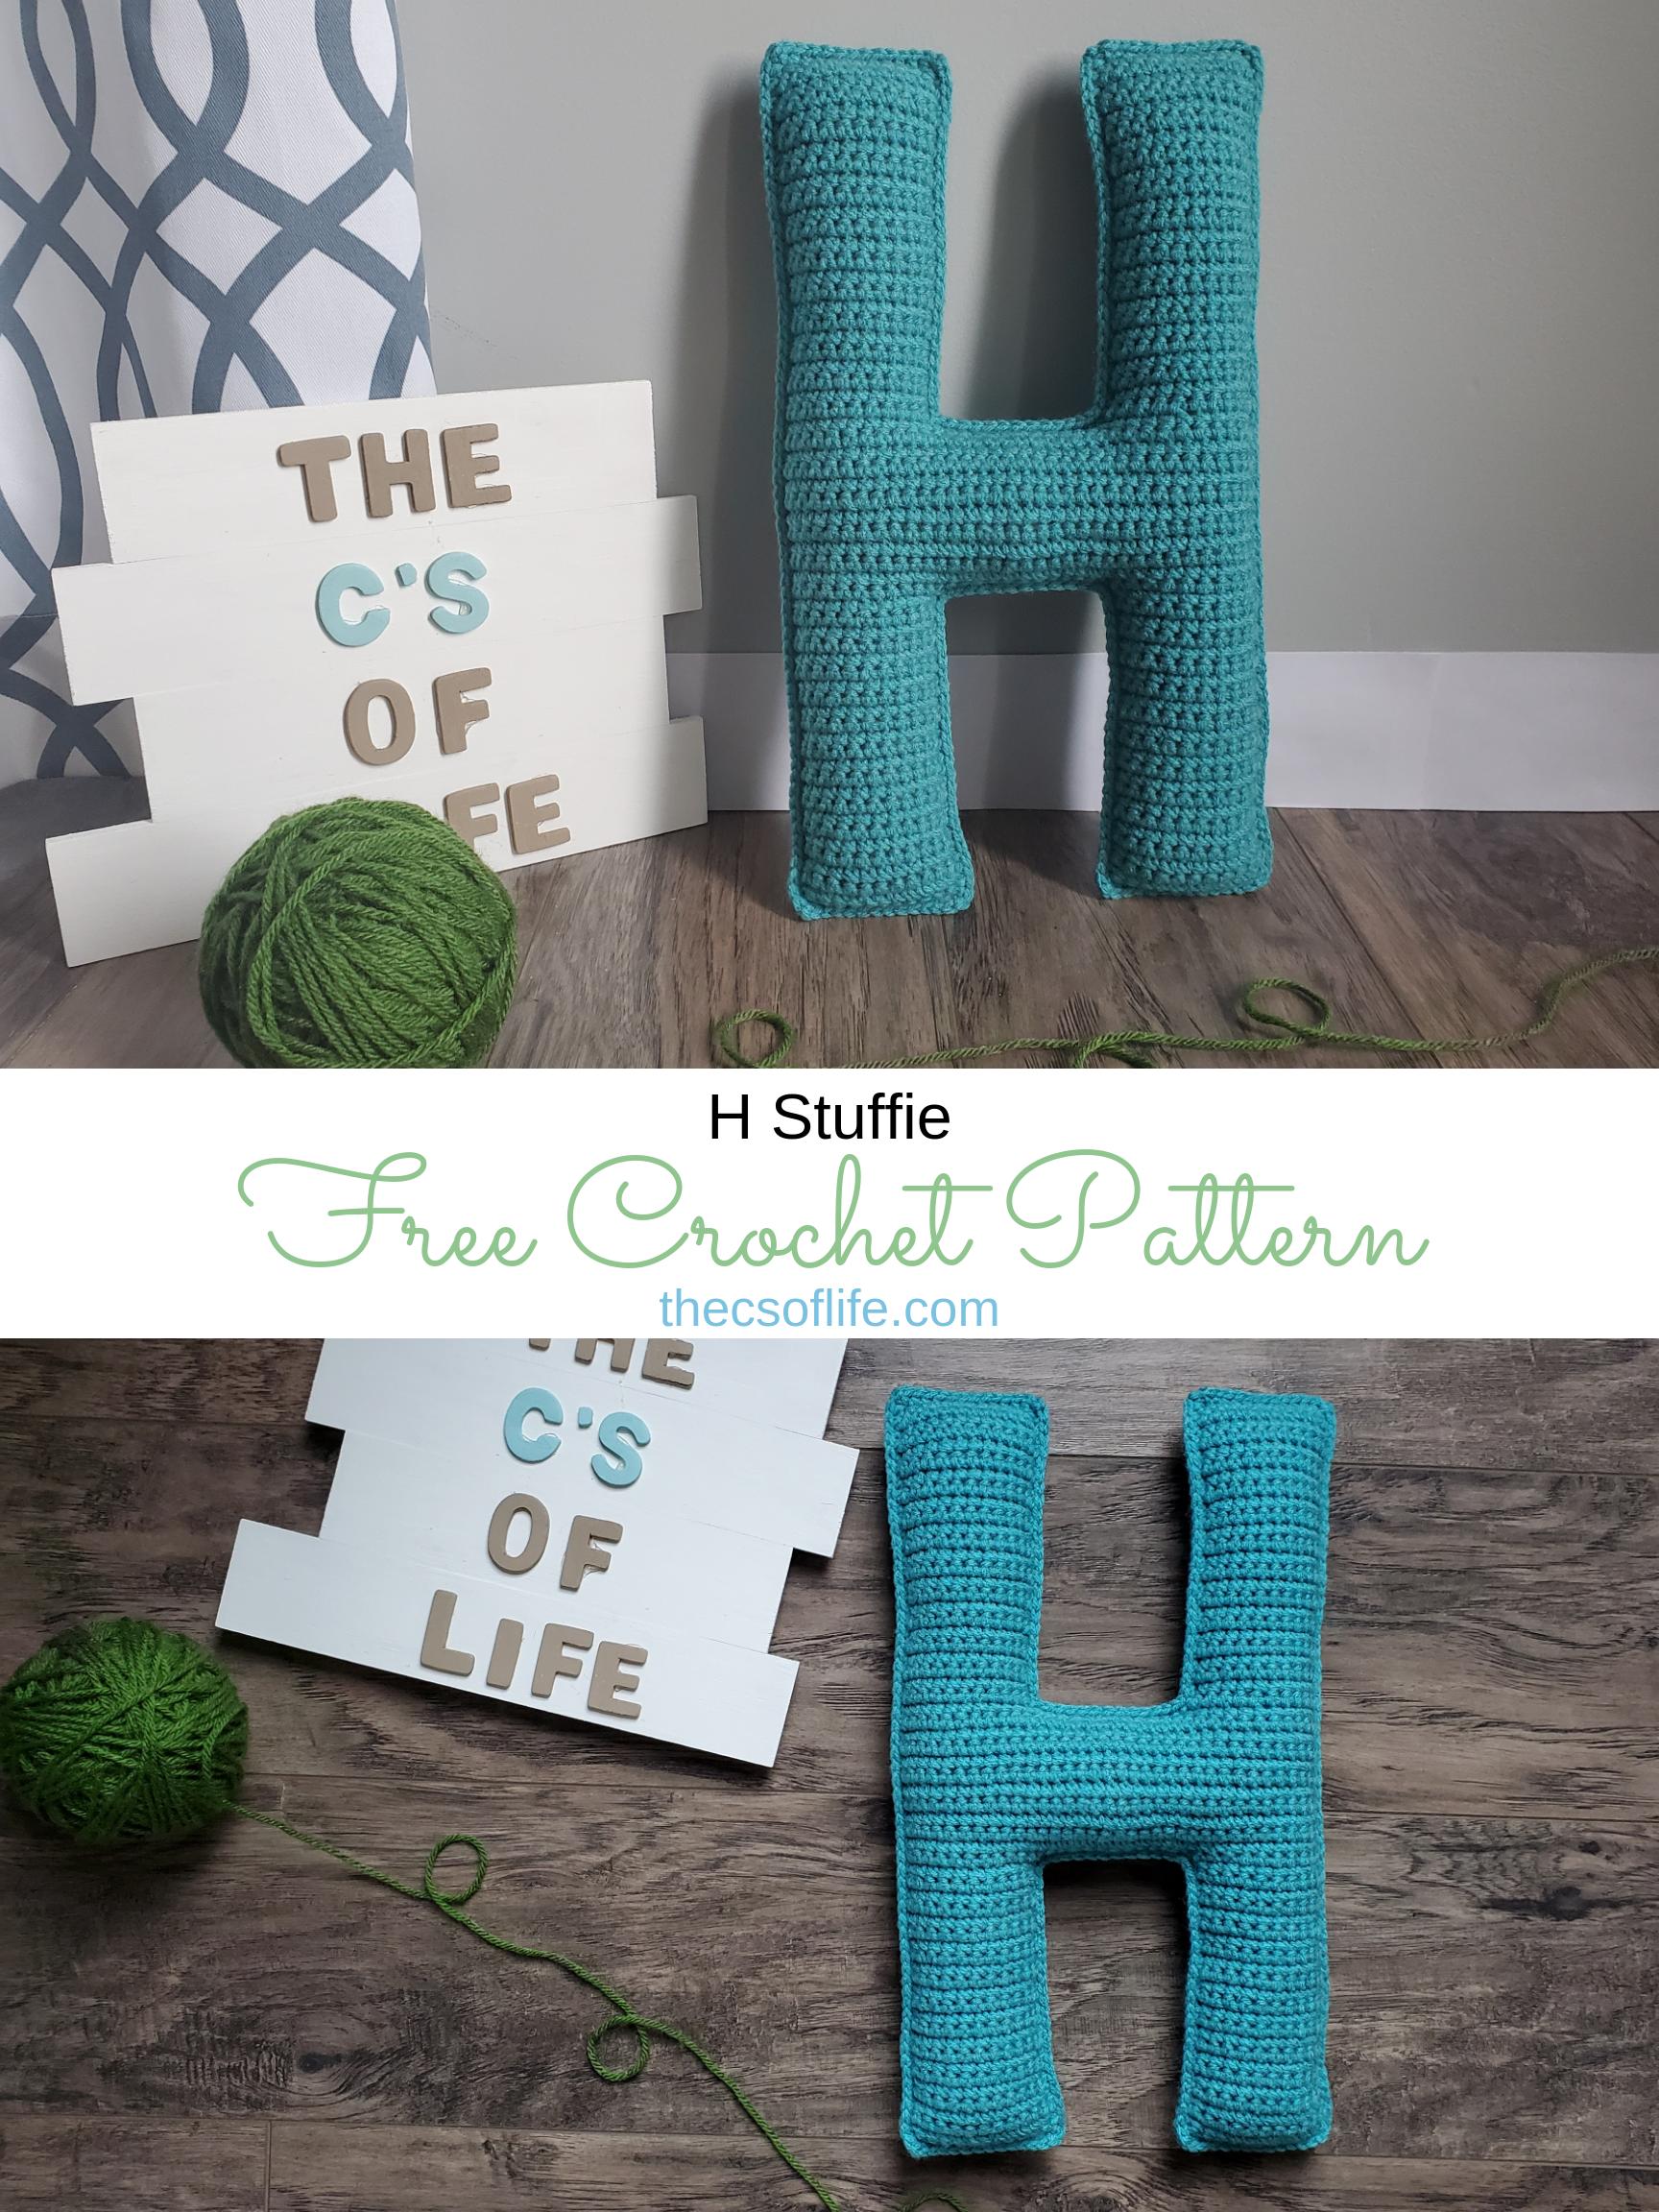 H Stuffie - Free Crochet Pattern